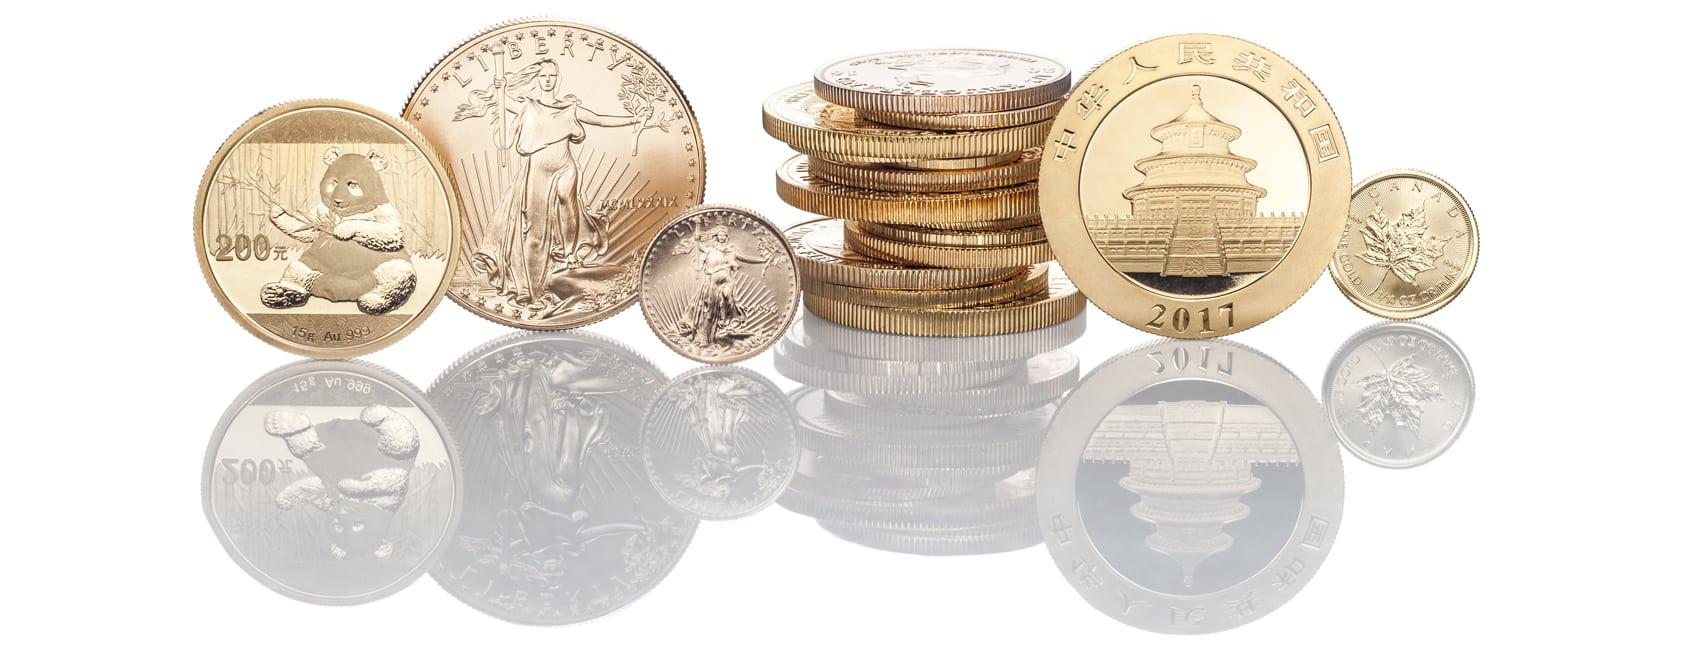 Goldmünzen Vergleich anonym